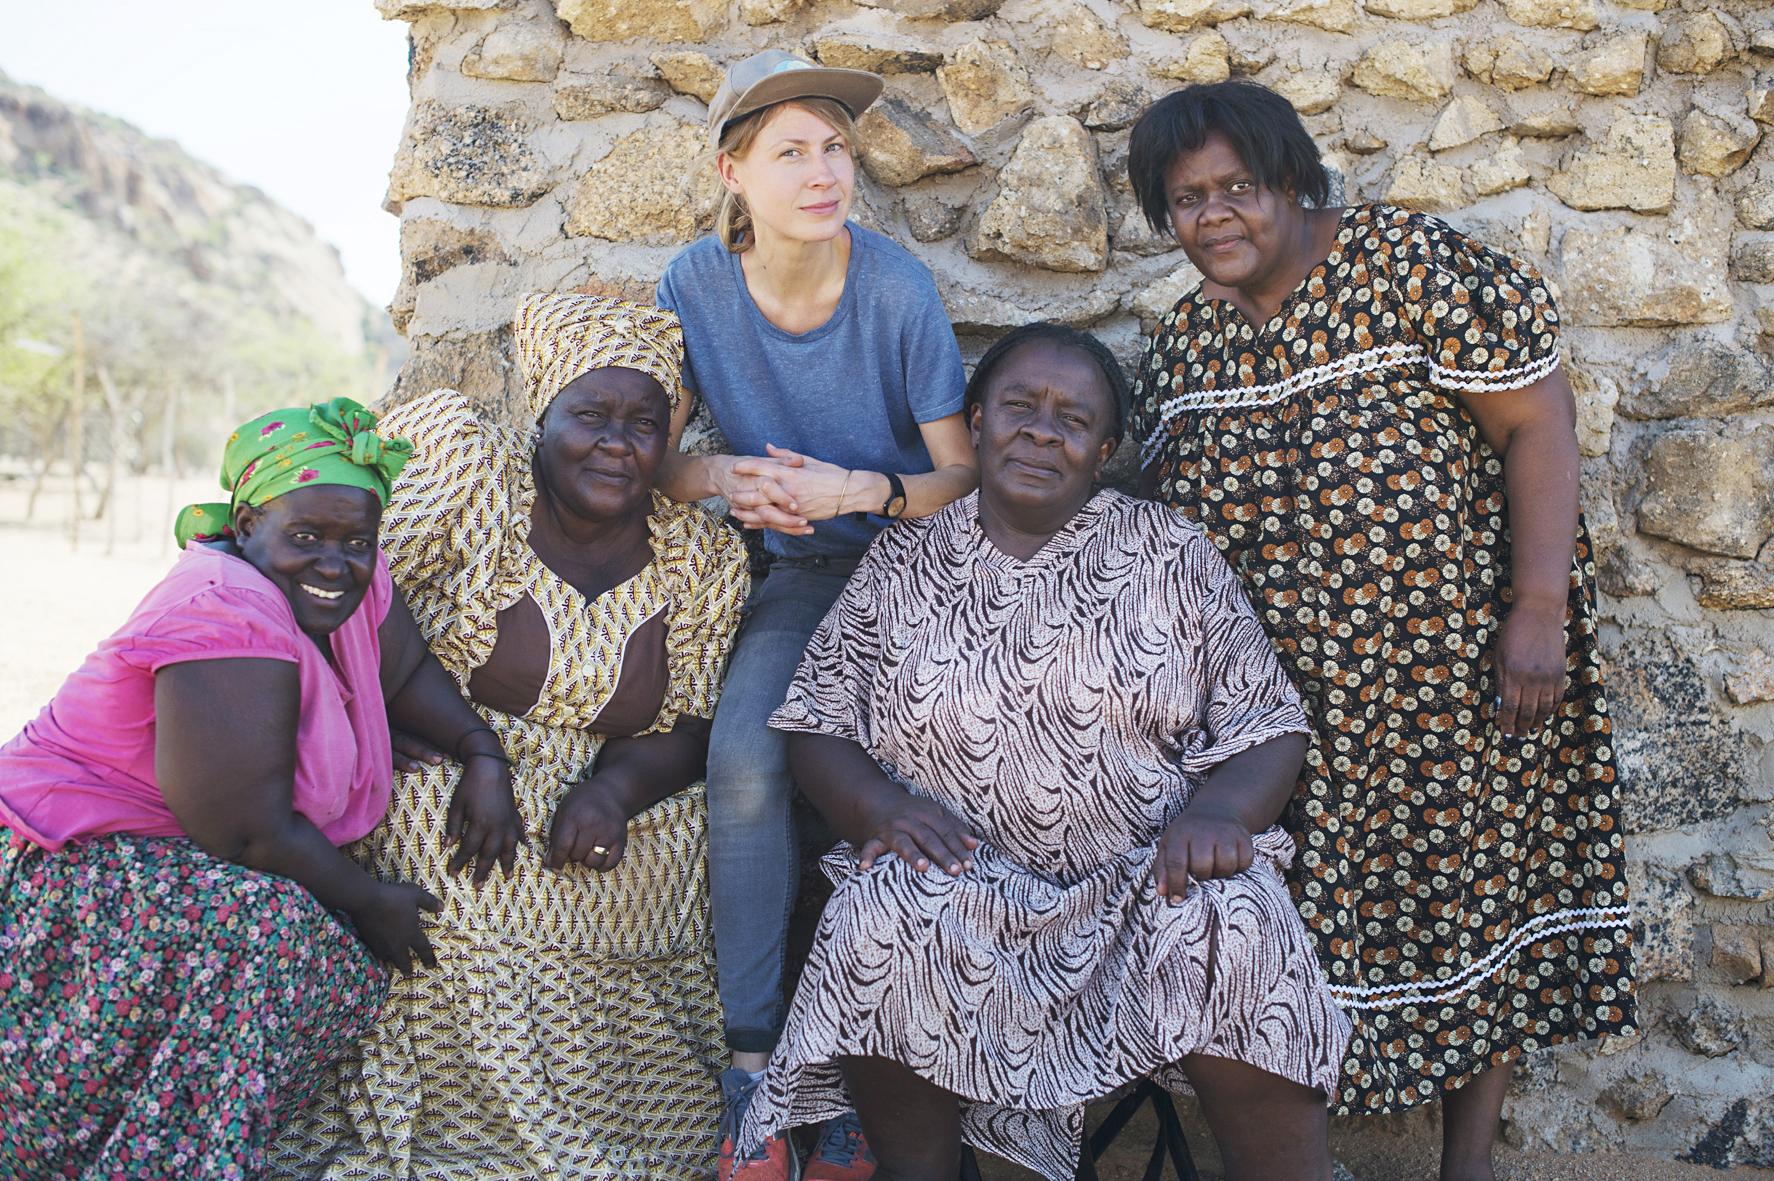 Autorin und Fotografin Maria Schiffer in Namibia für das Buch Eating with Africa